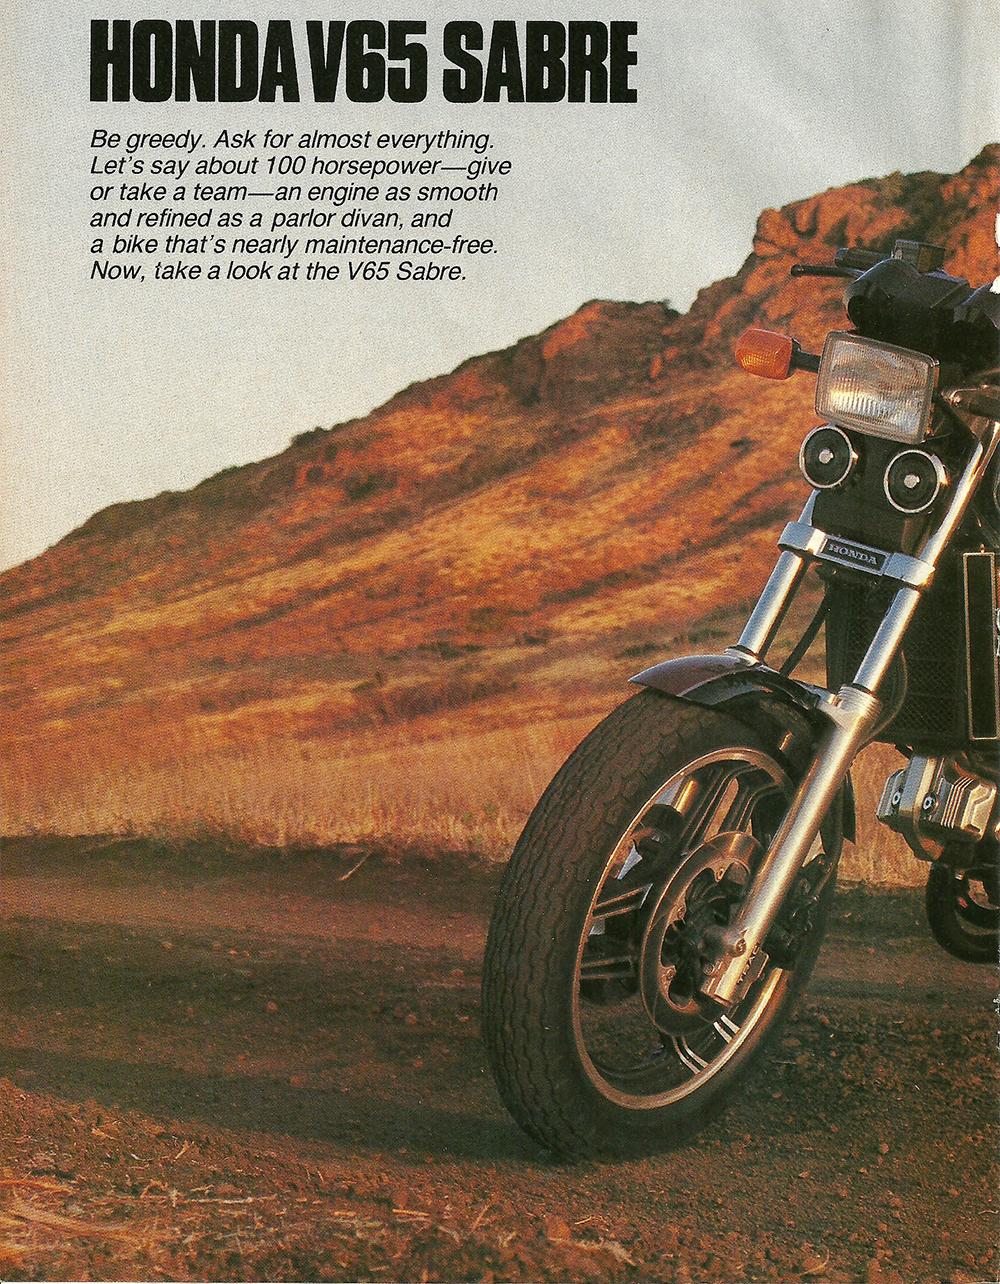 1984 Honda V65 Sabre road test 1.jpg